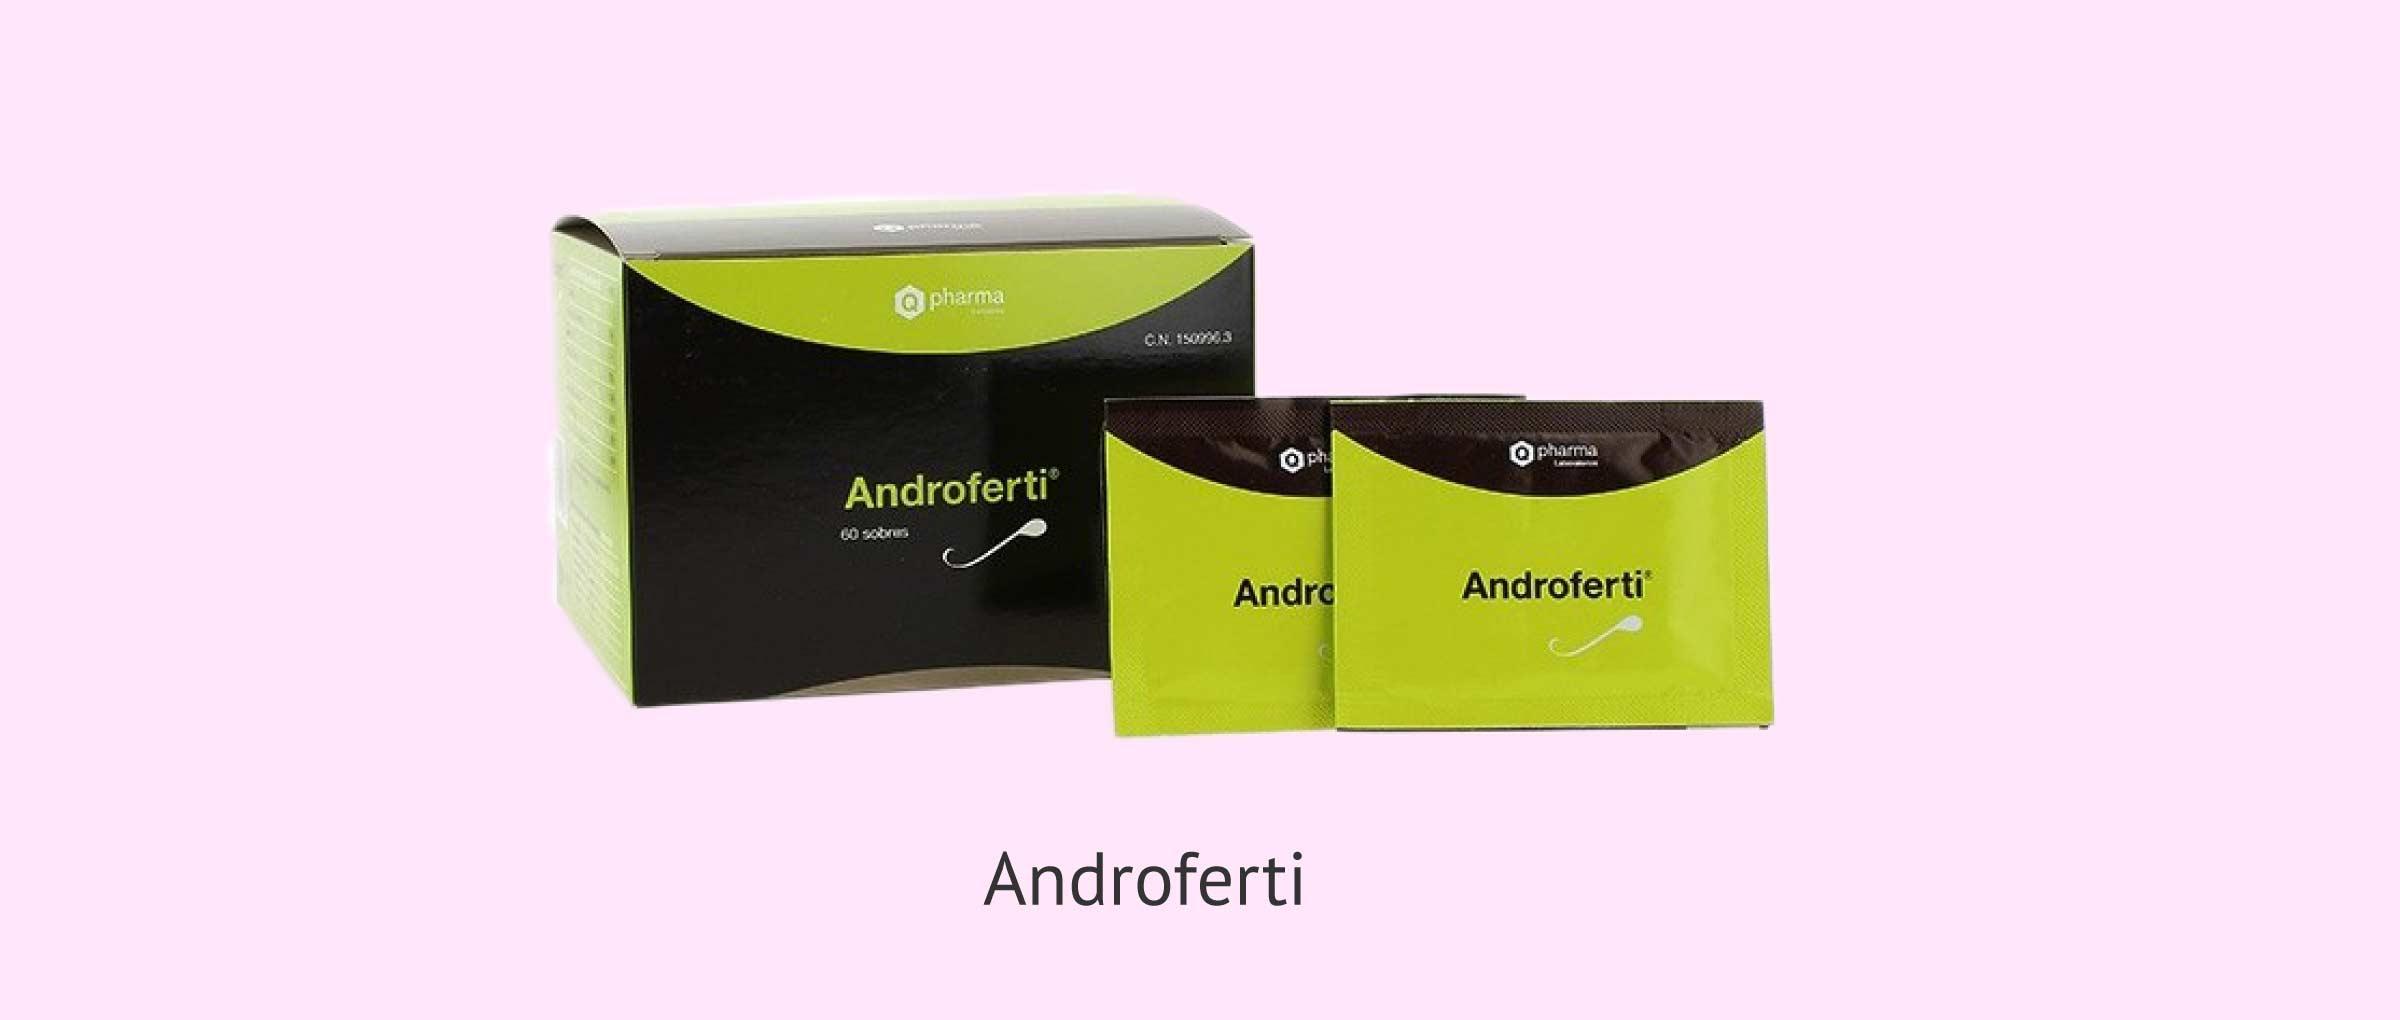 Androferti, un complemento alimenticio antioxidante para varones